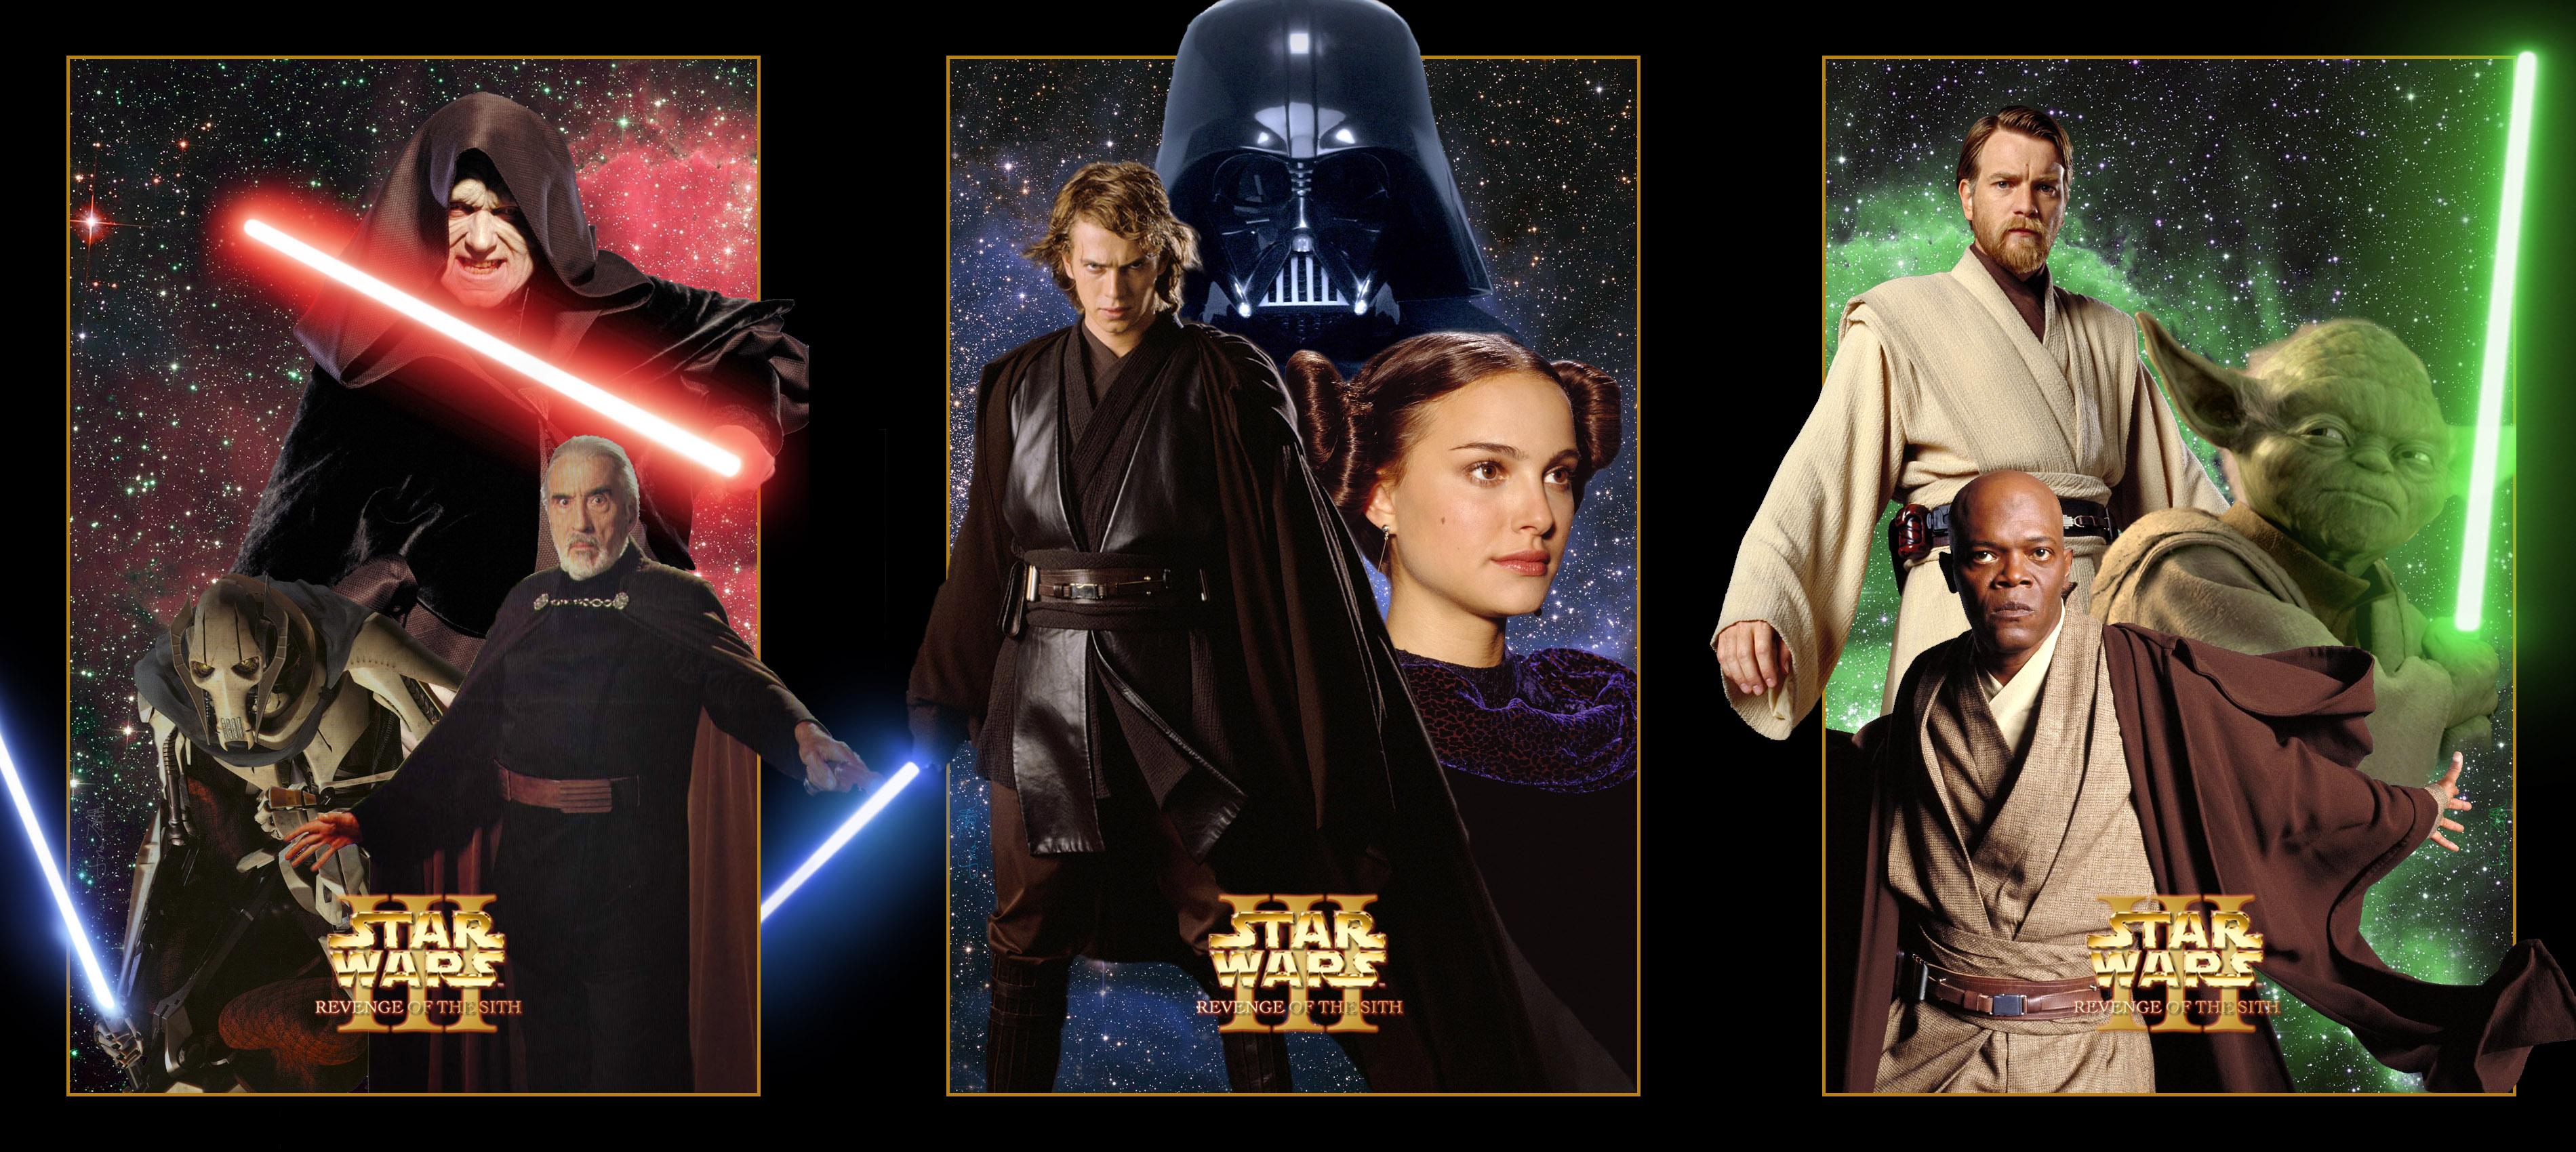 Download Anakin Skywalker Backgorund 3800x1700